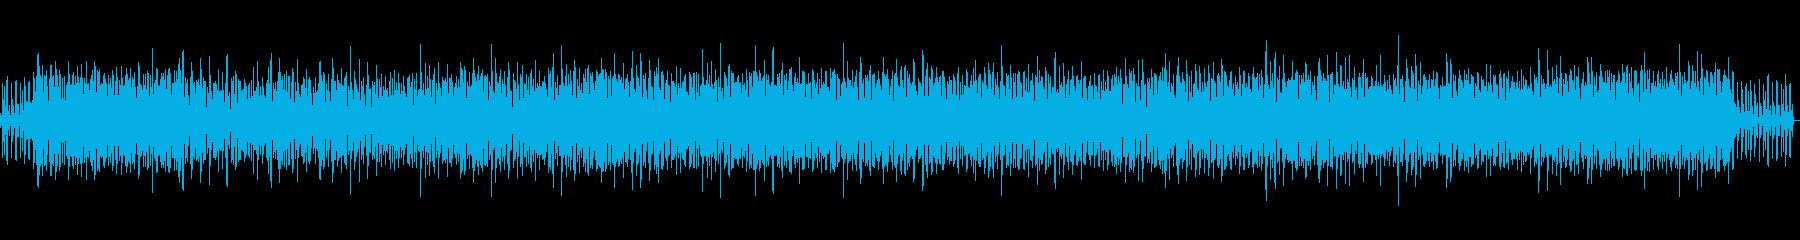 シンセ・インプロの再生済みの波形